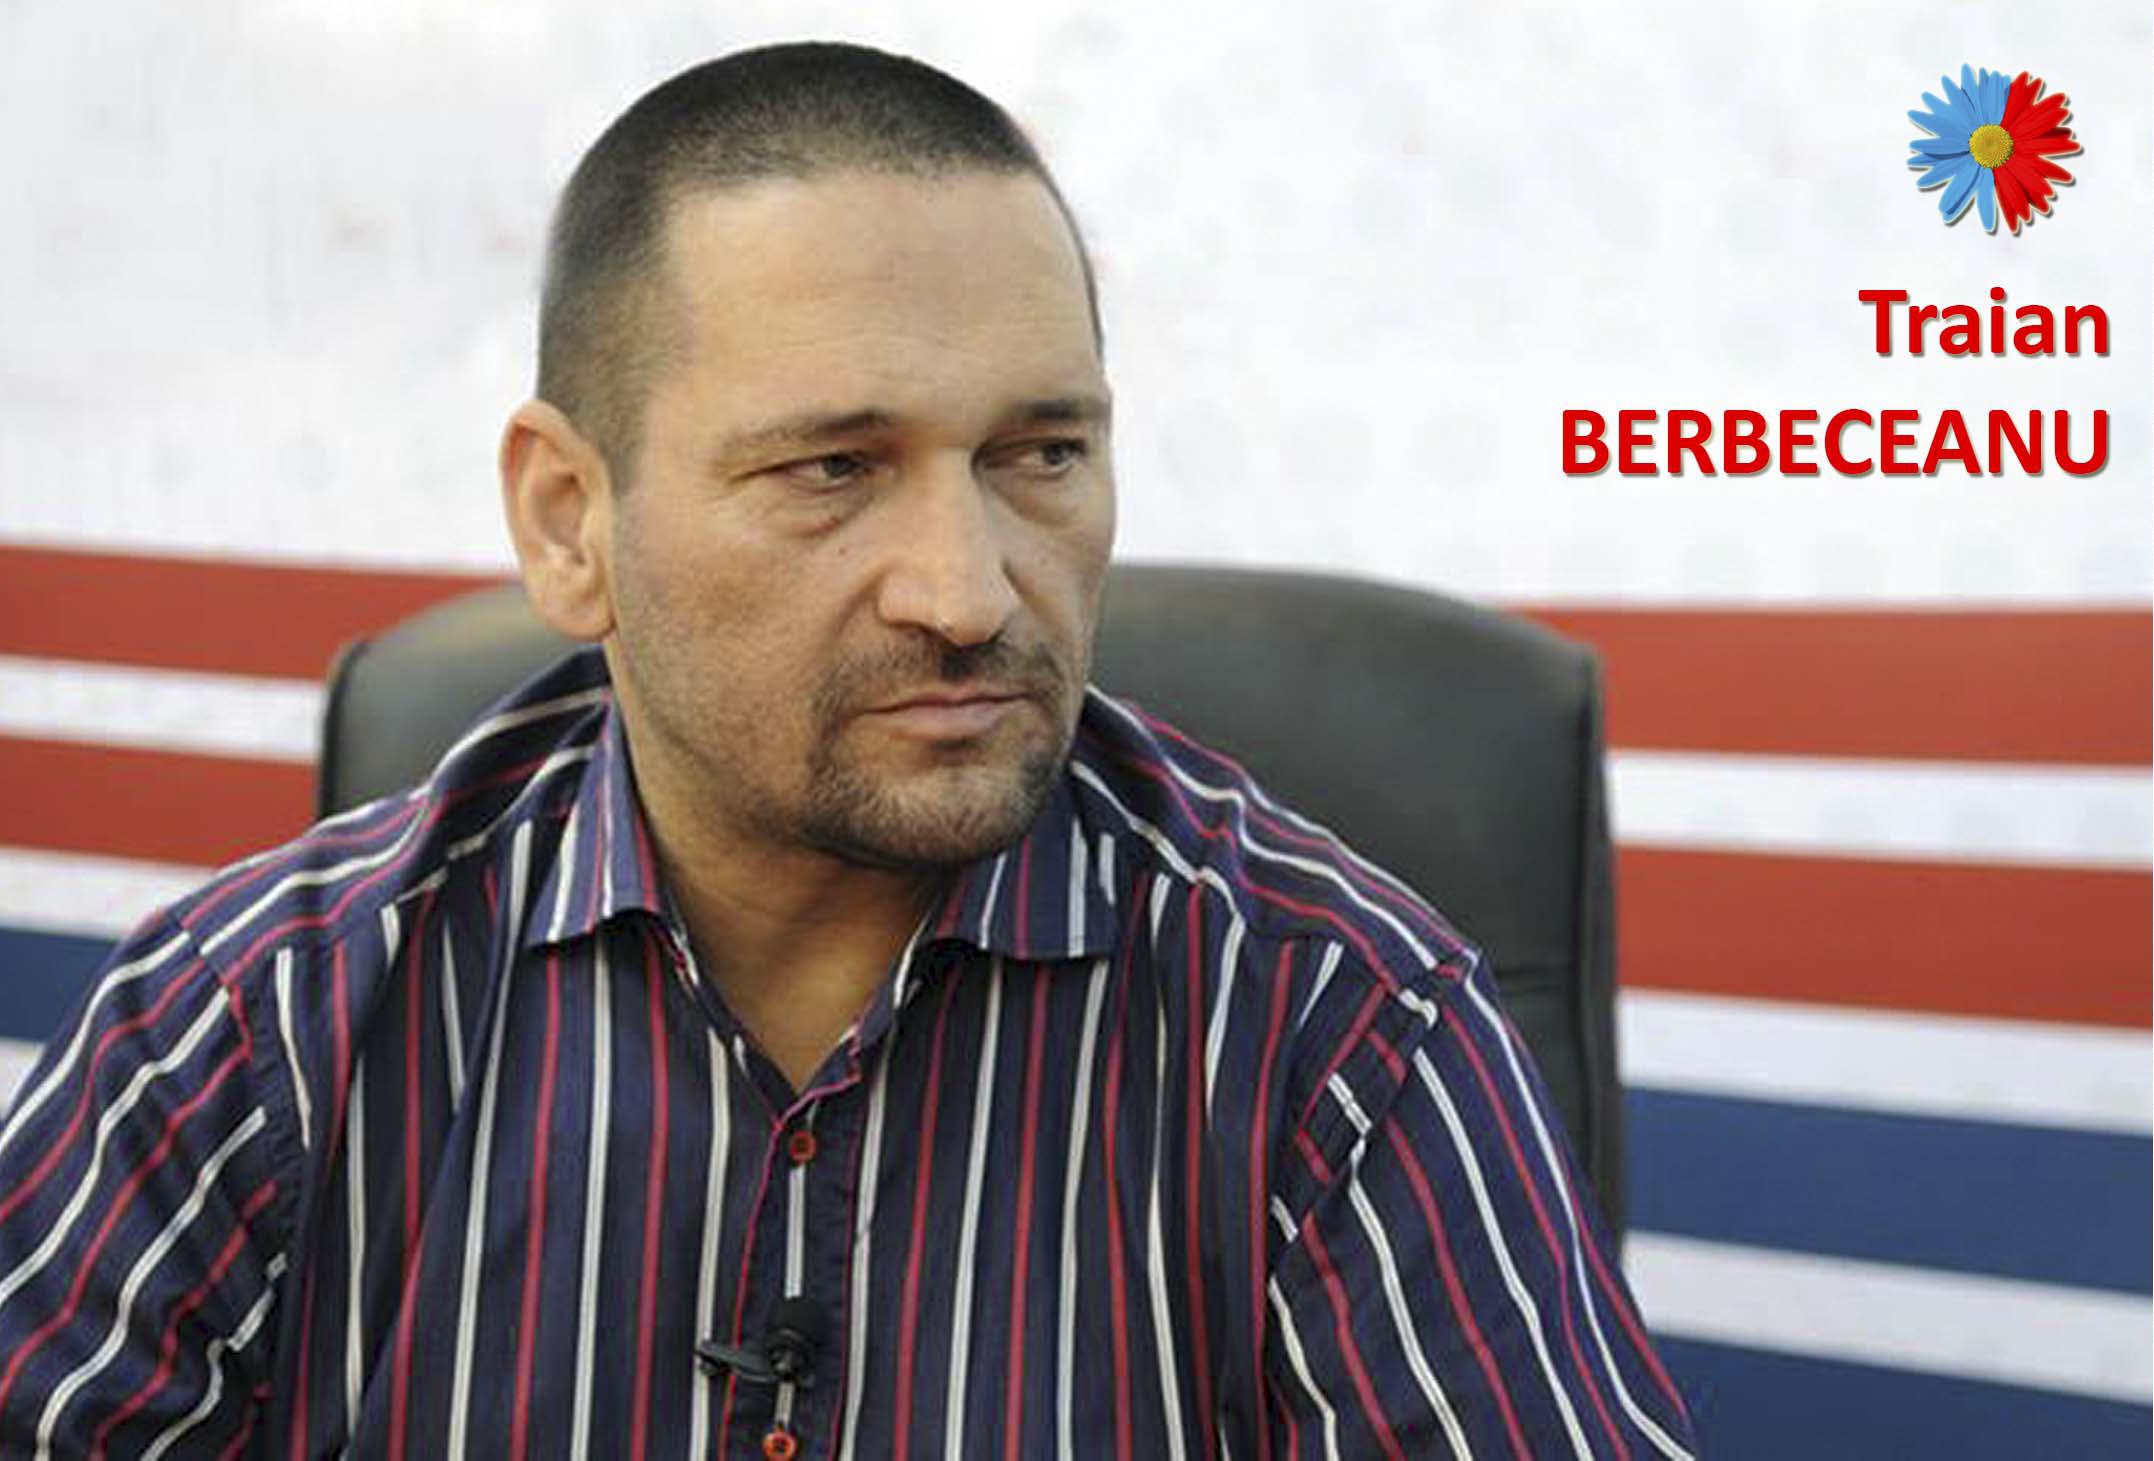 Condamnare pentru procurorii care i-au înscenat dosarul ...  |Traian Berbeceanu